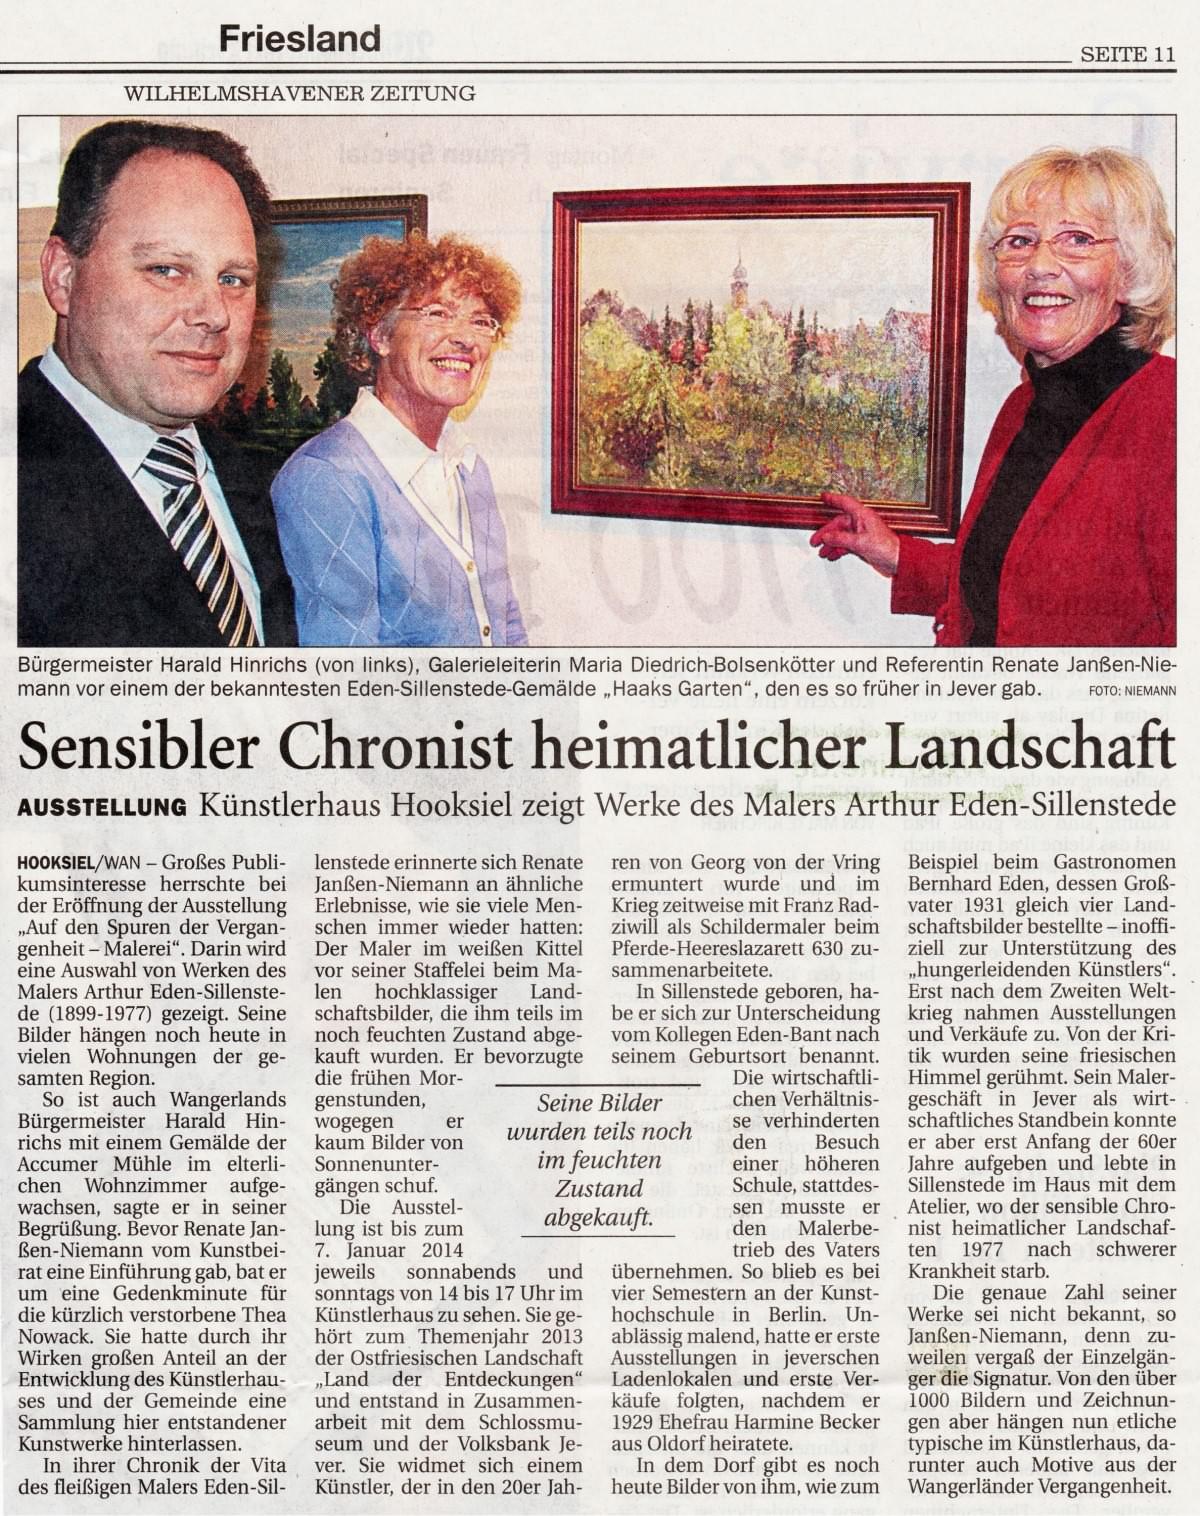 Pressebericht Eden-Sillenstede WZ 19.11.2013